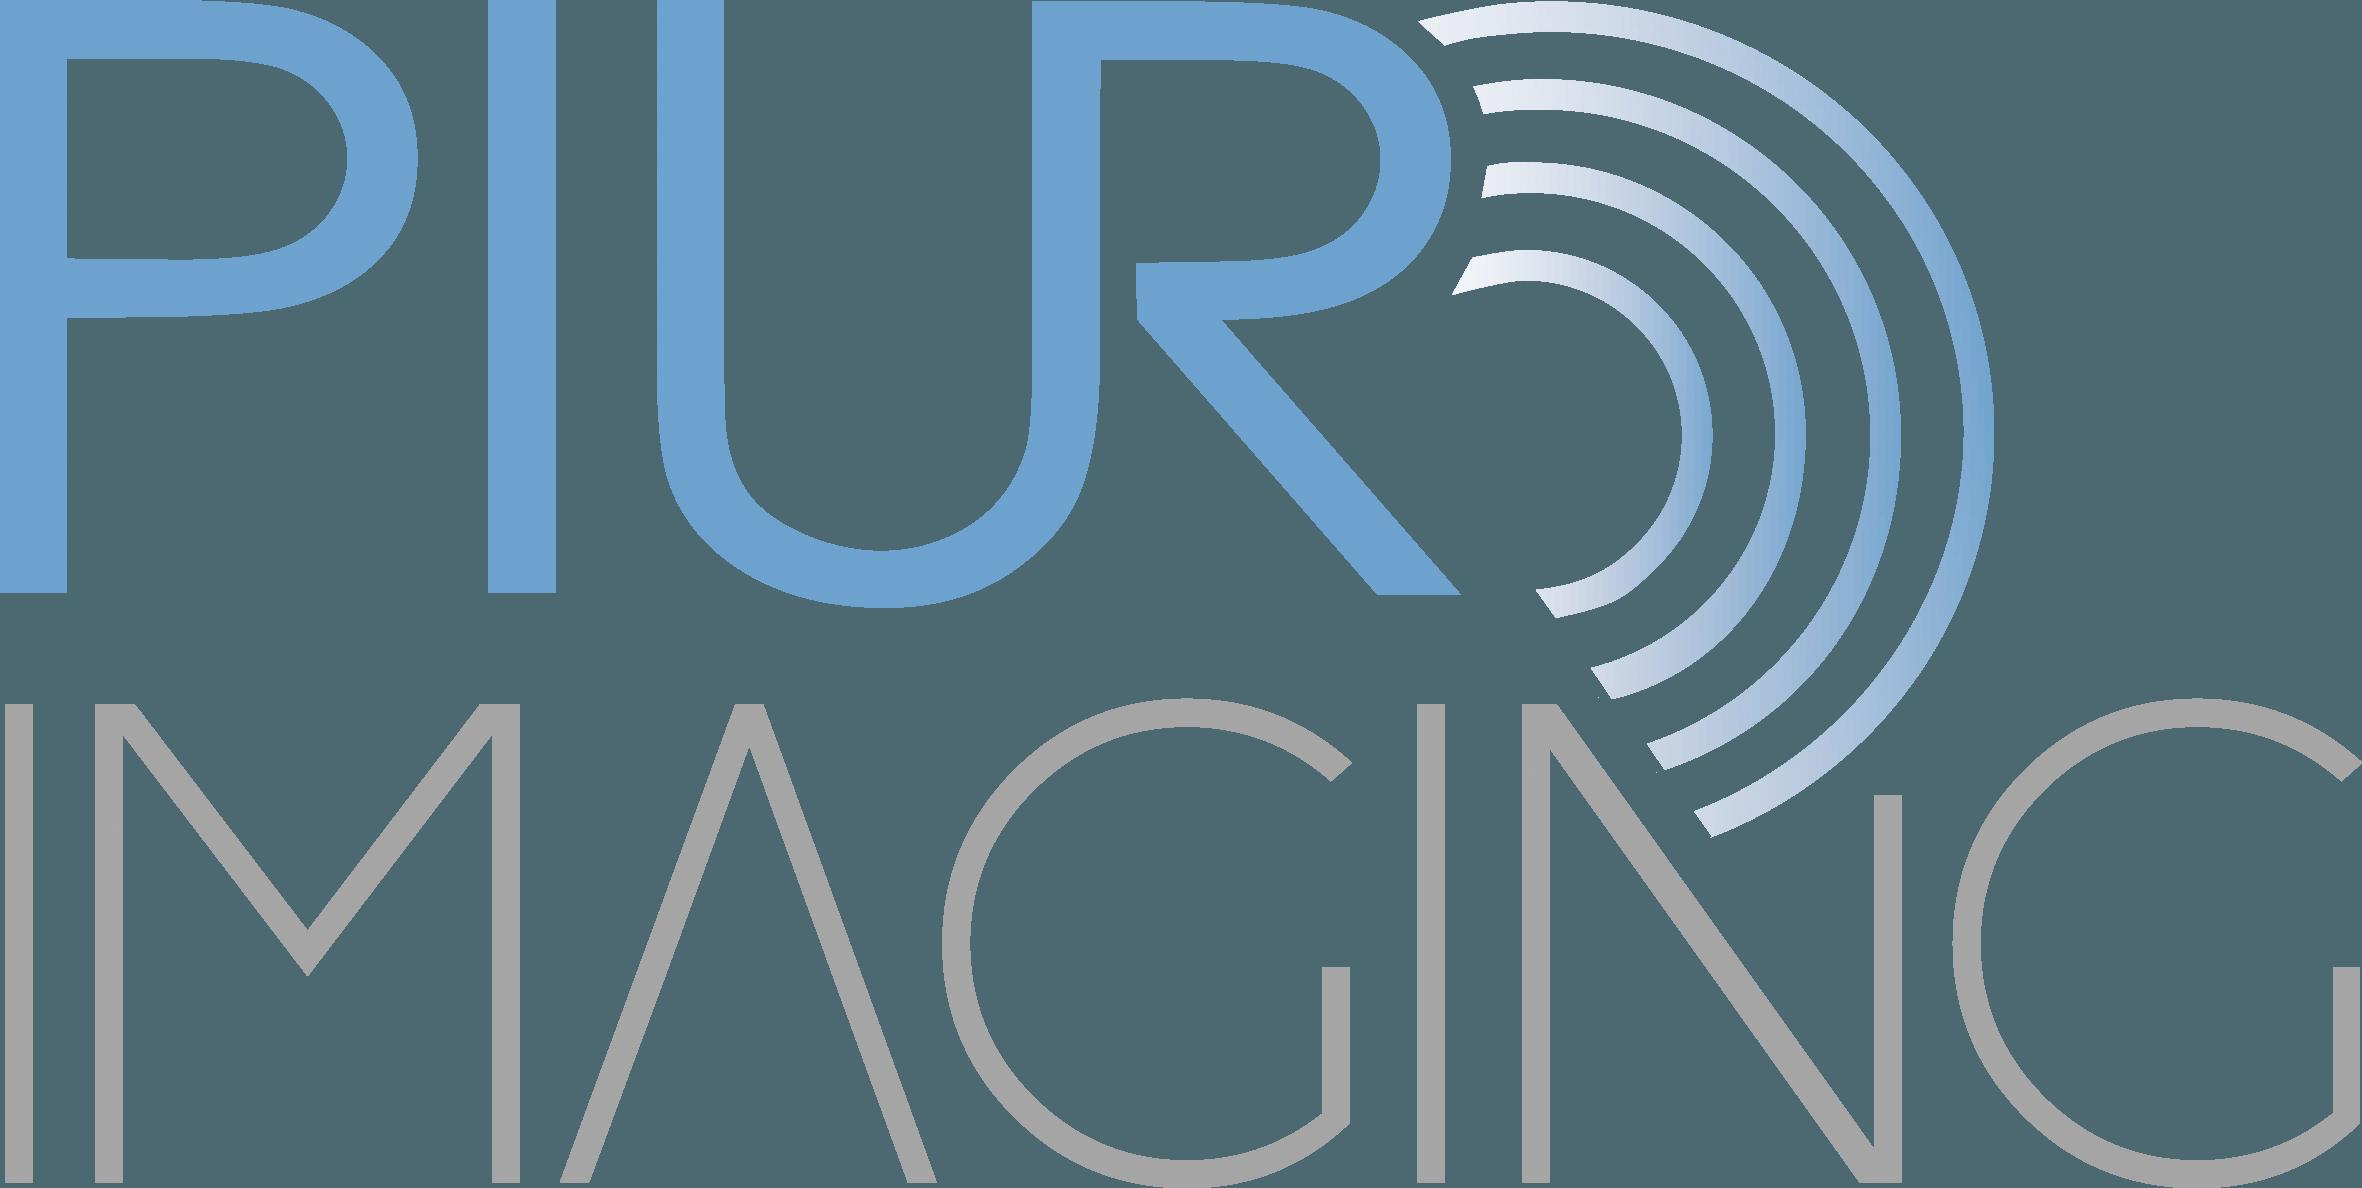 Logo_piur